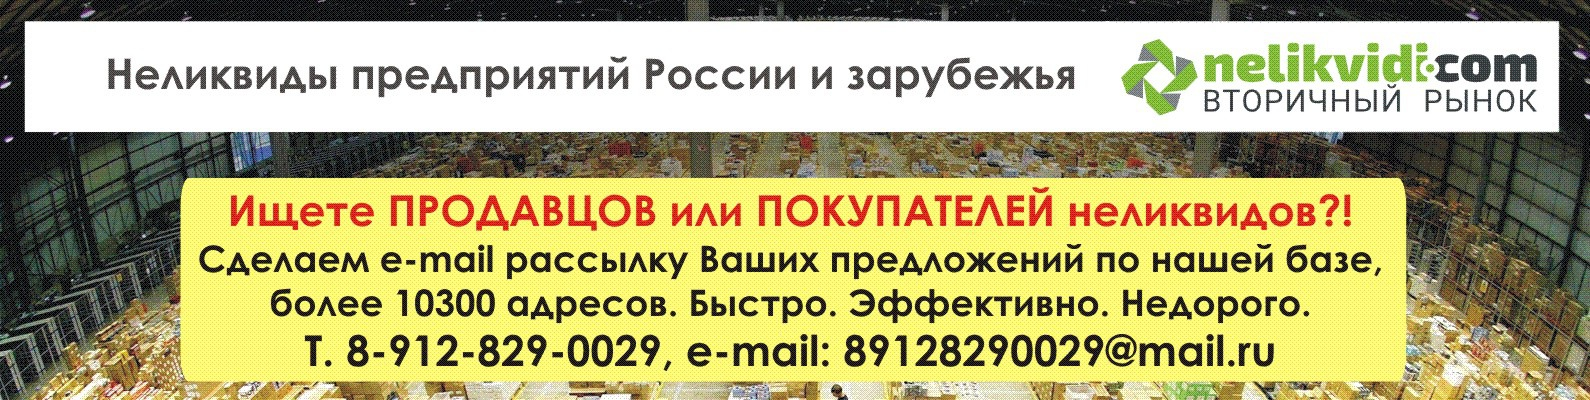 Дать объявление о продаже станочного оборудования продажа и покупка бизнеса в украине